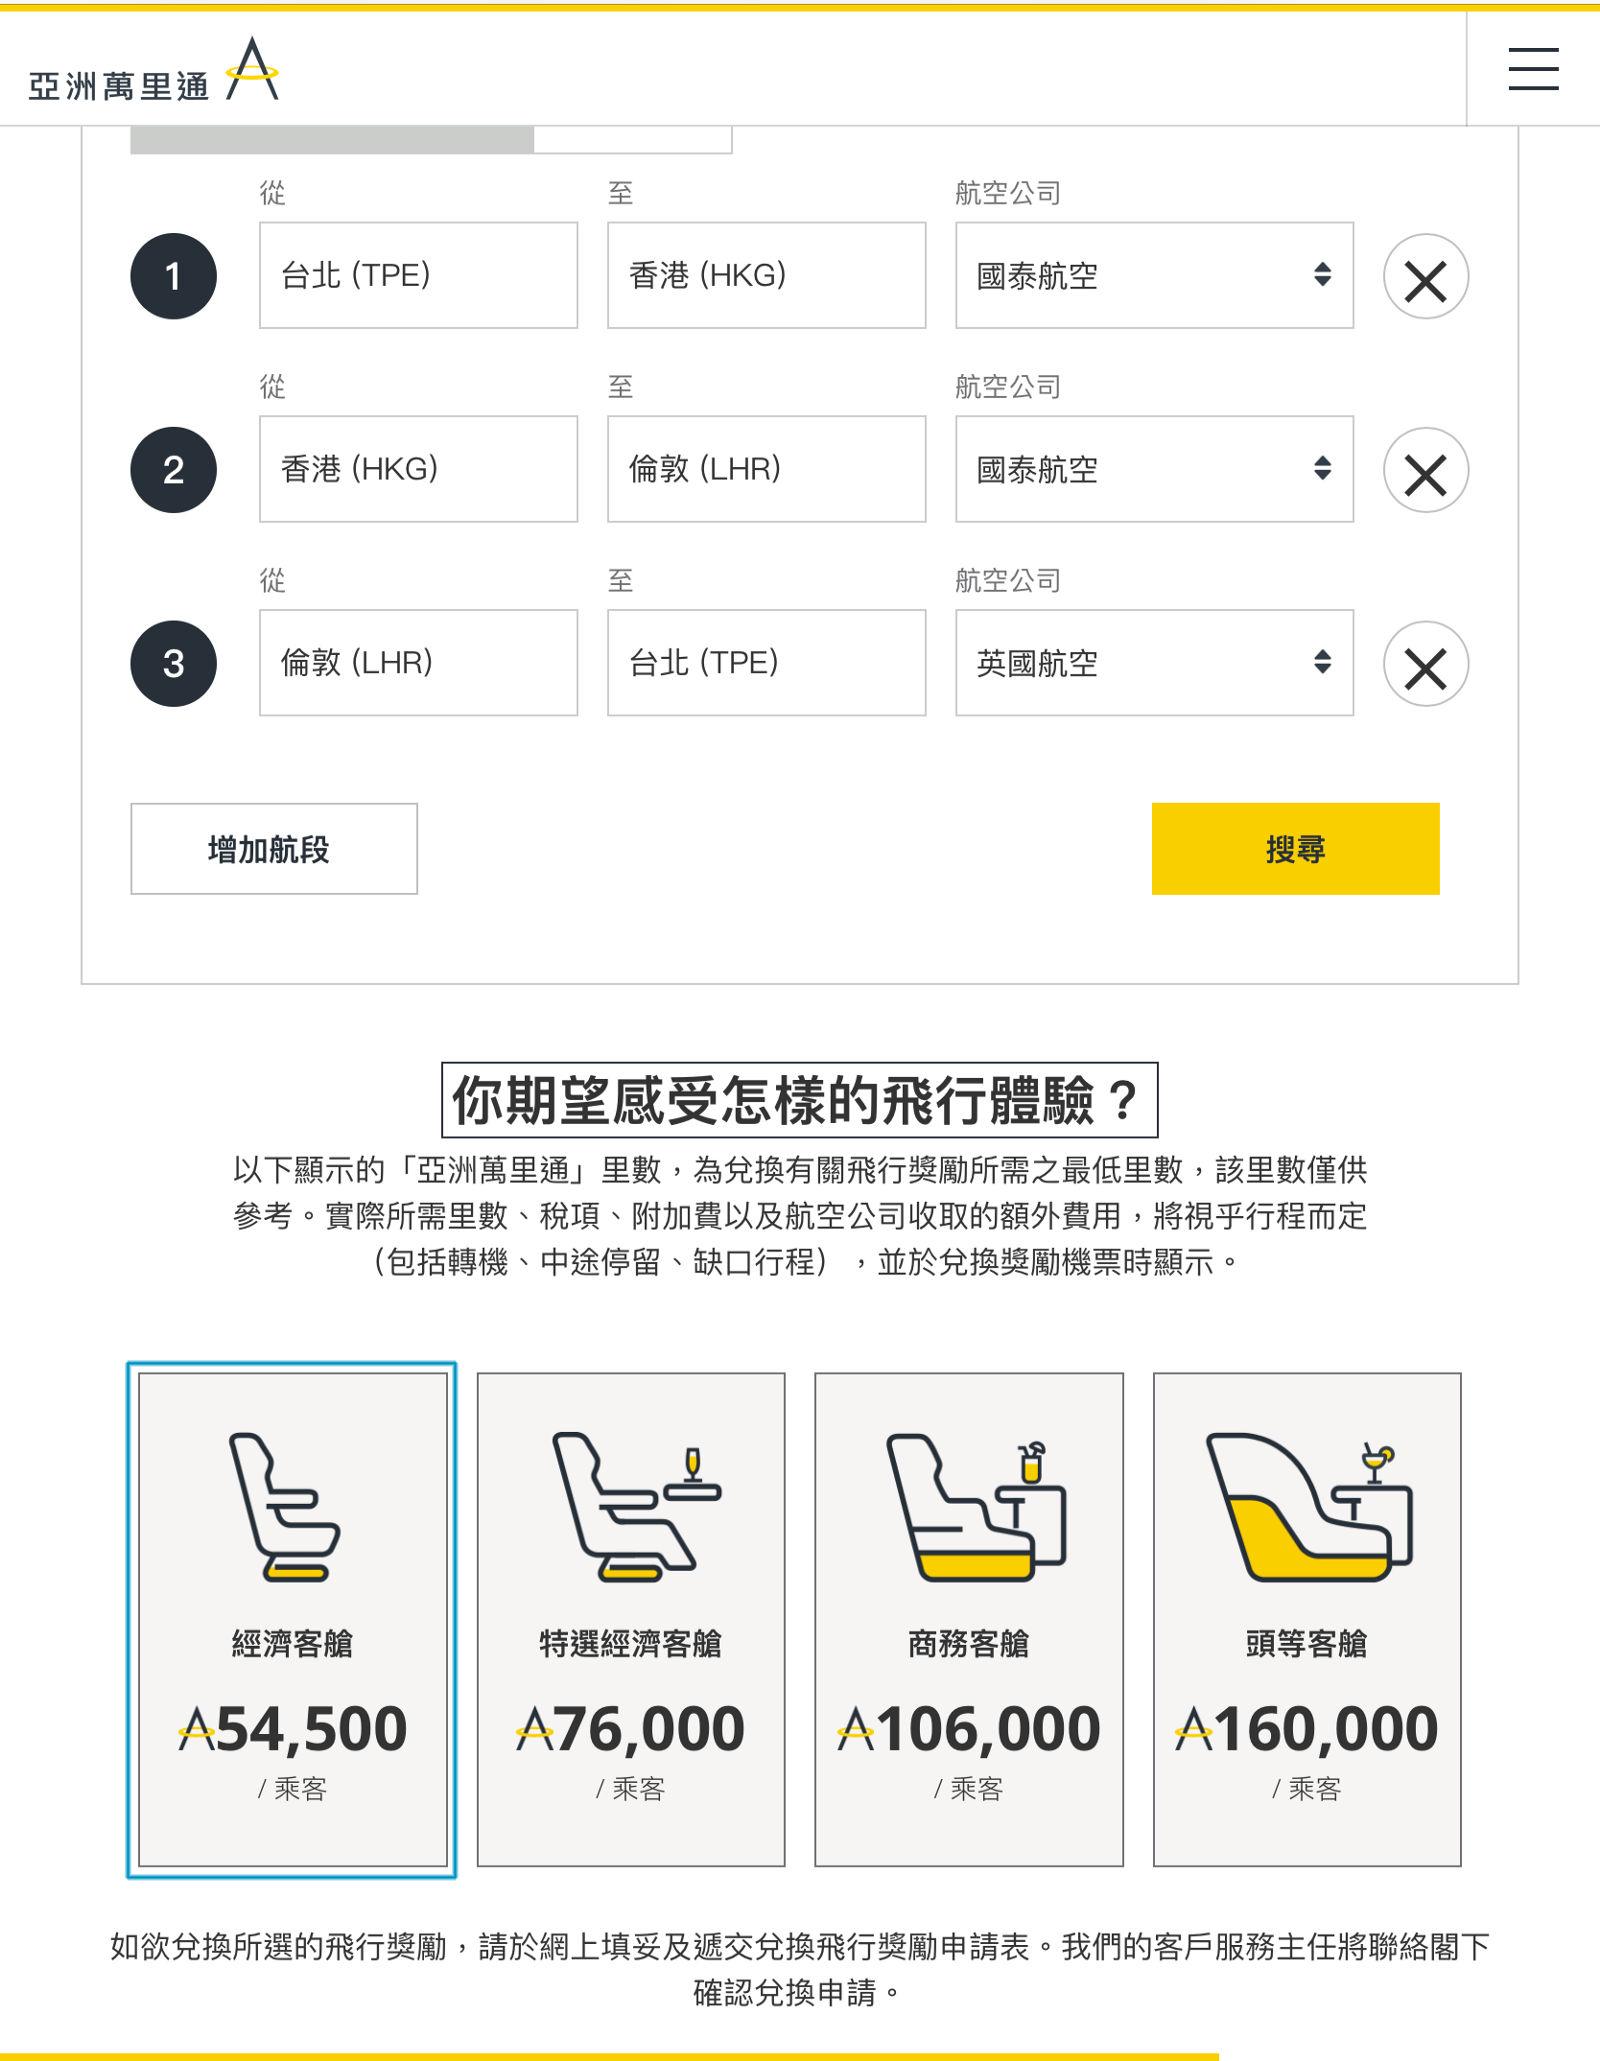 飛行獎勵平台:國泰航空+英國航空(台北-香港-倫敦-台北)所需里數試算